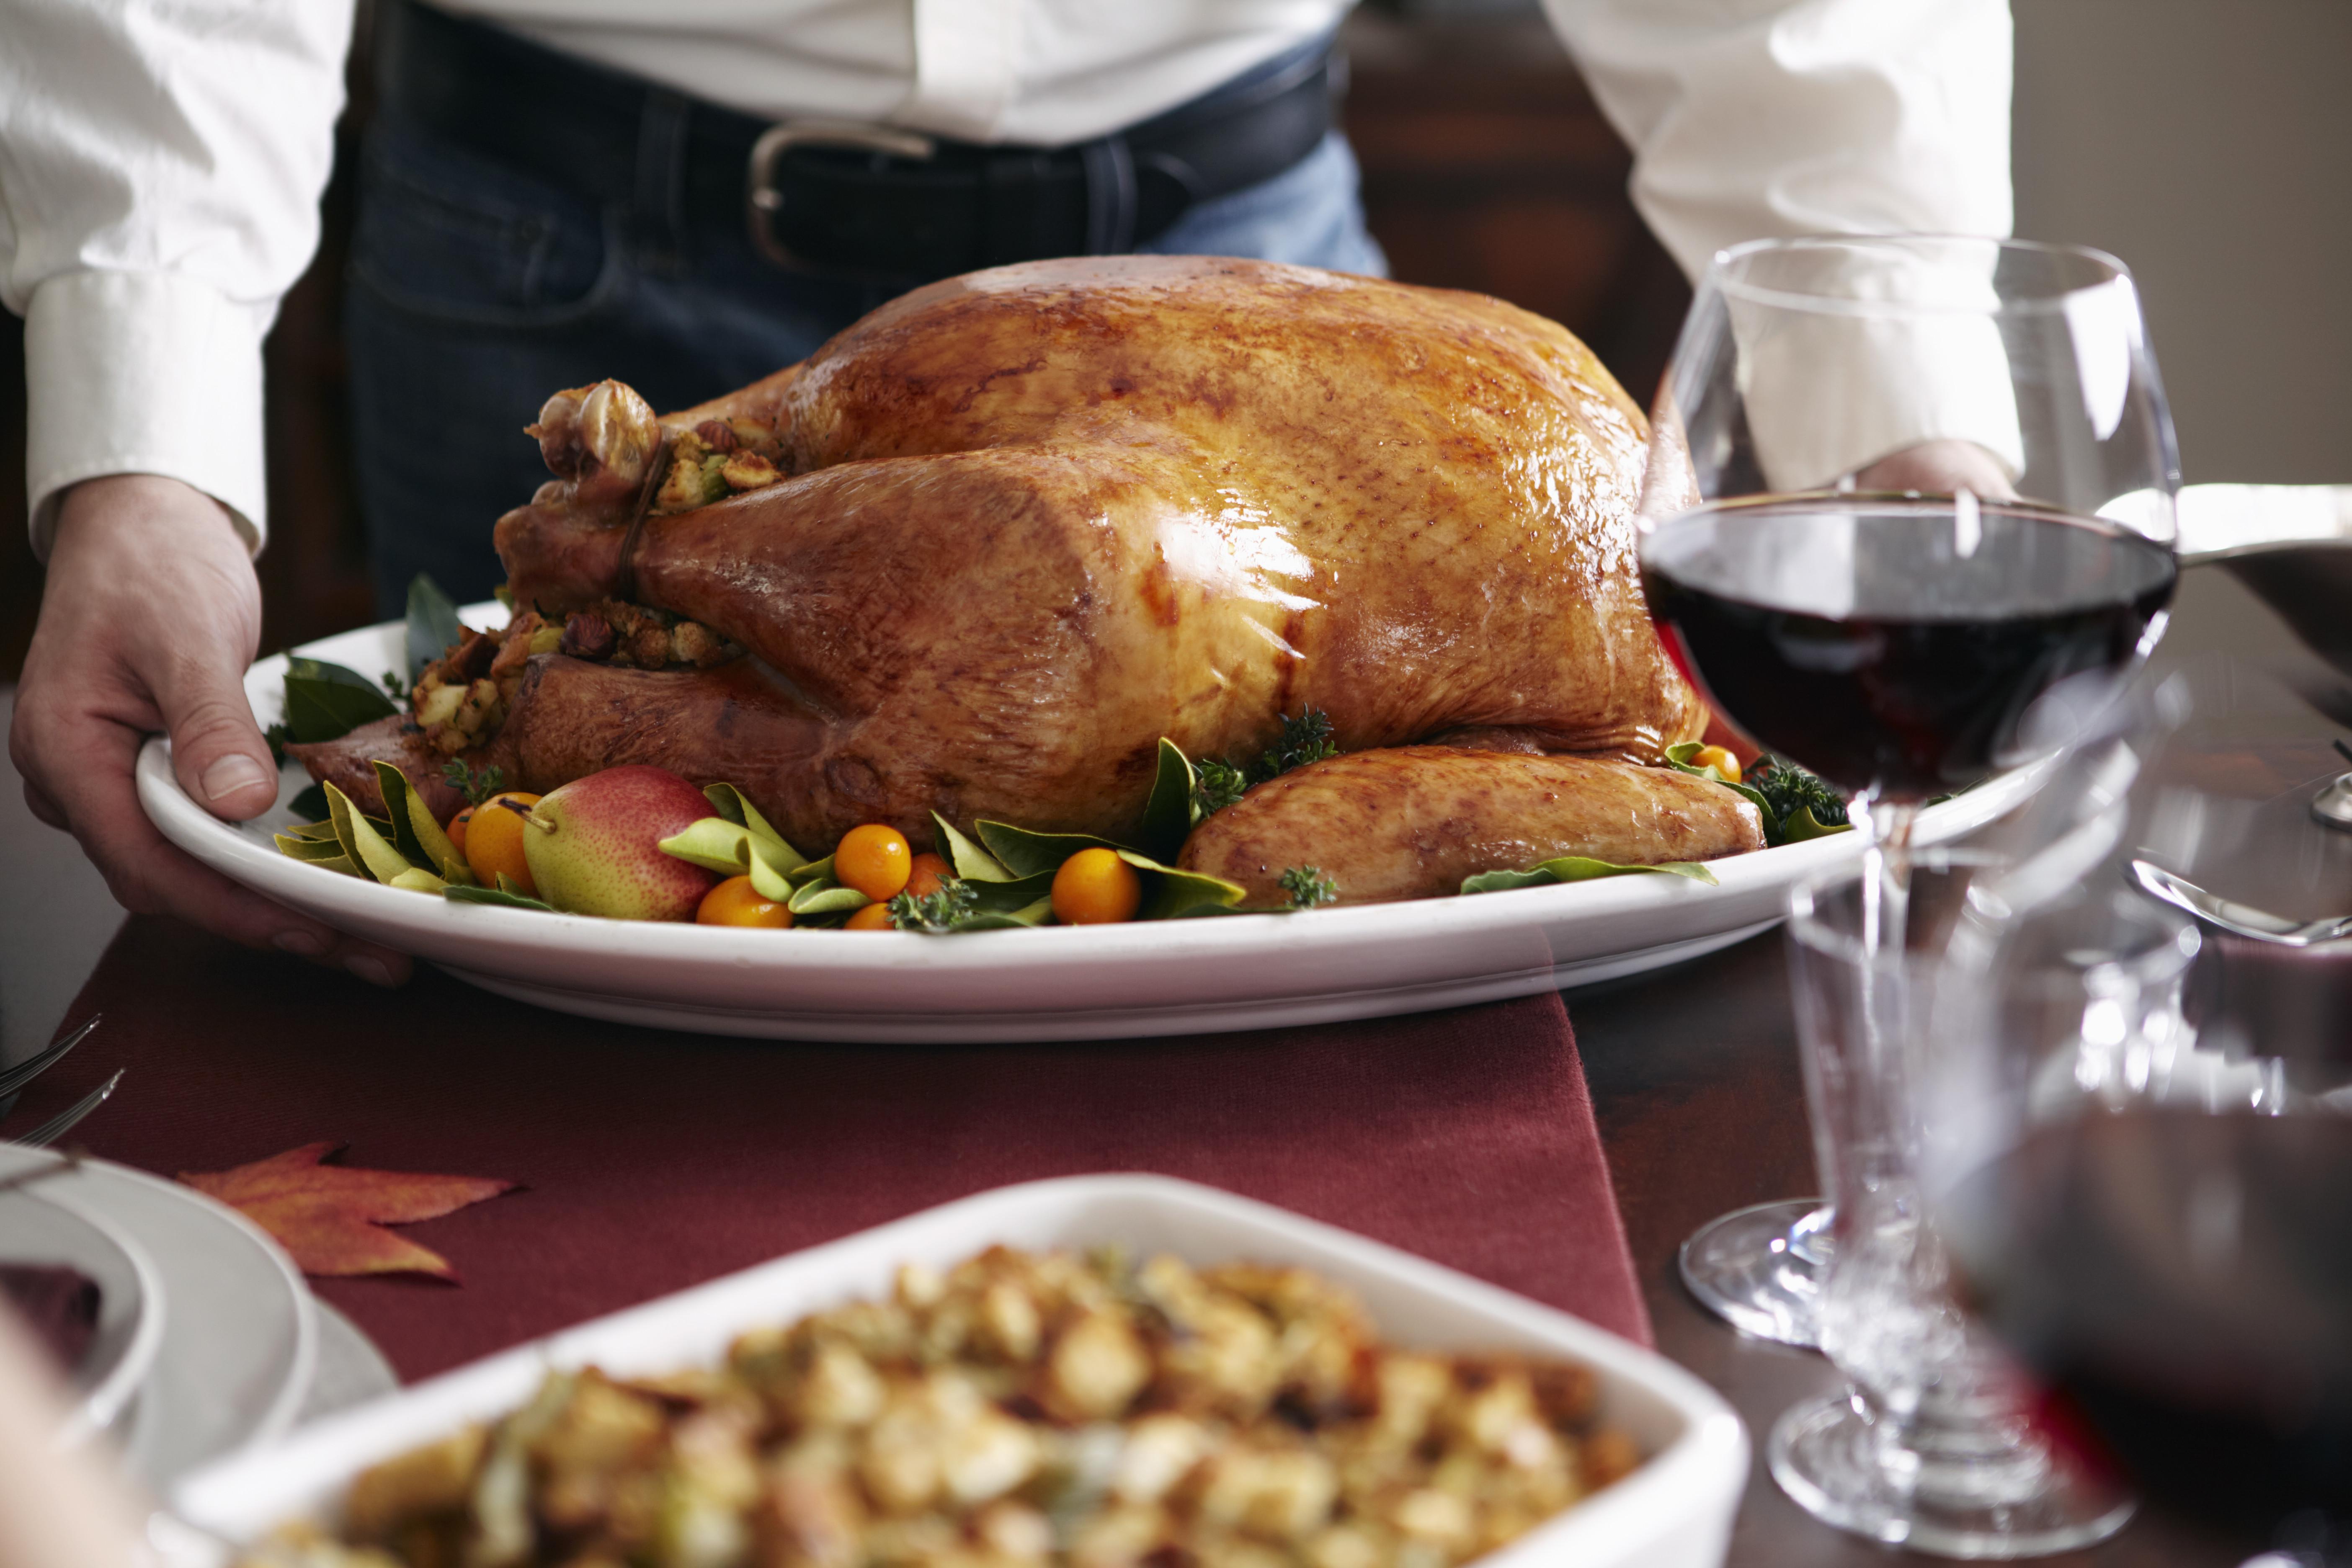 Thanksgiving Turkey Deals  Free Turkey for Thanksgiving 2018 Best Cheap Turkey Deals